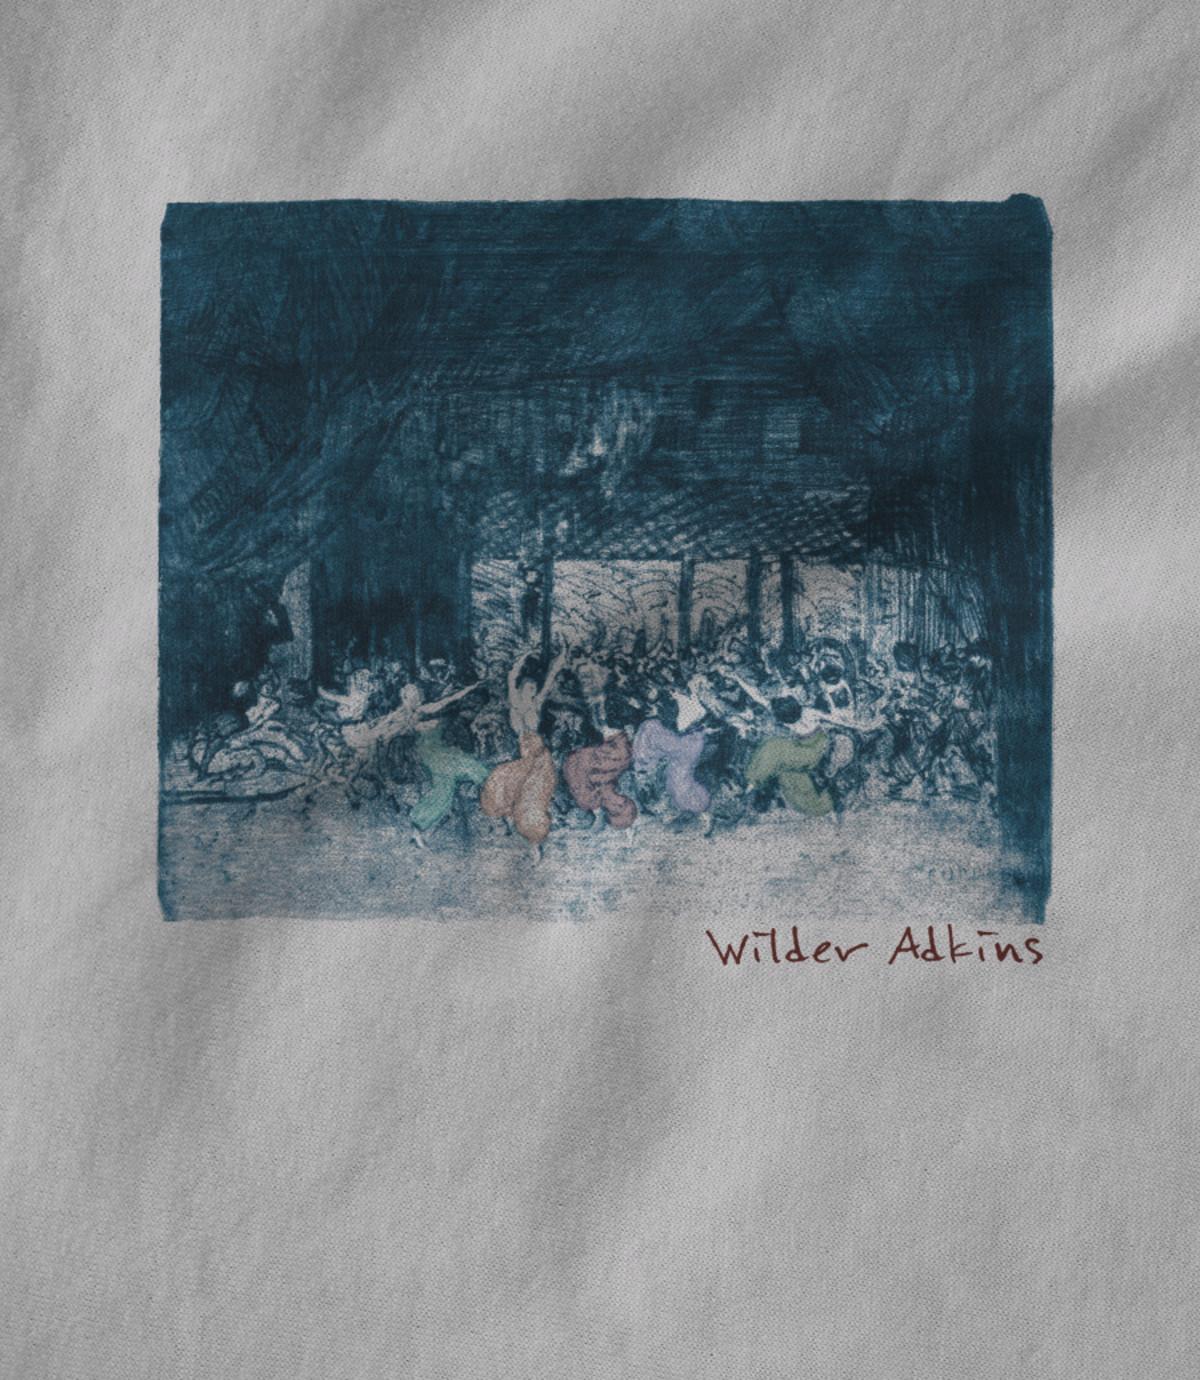 Wilder adkins dancing in the dark 1535224436